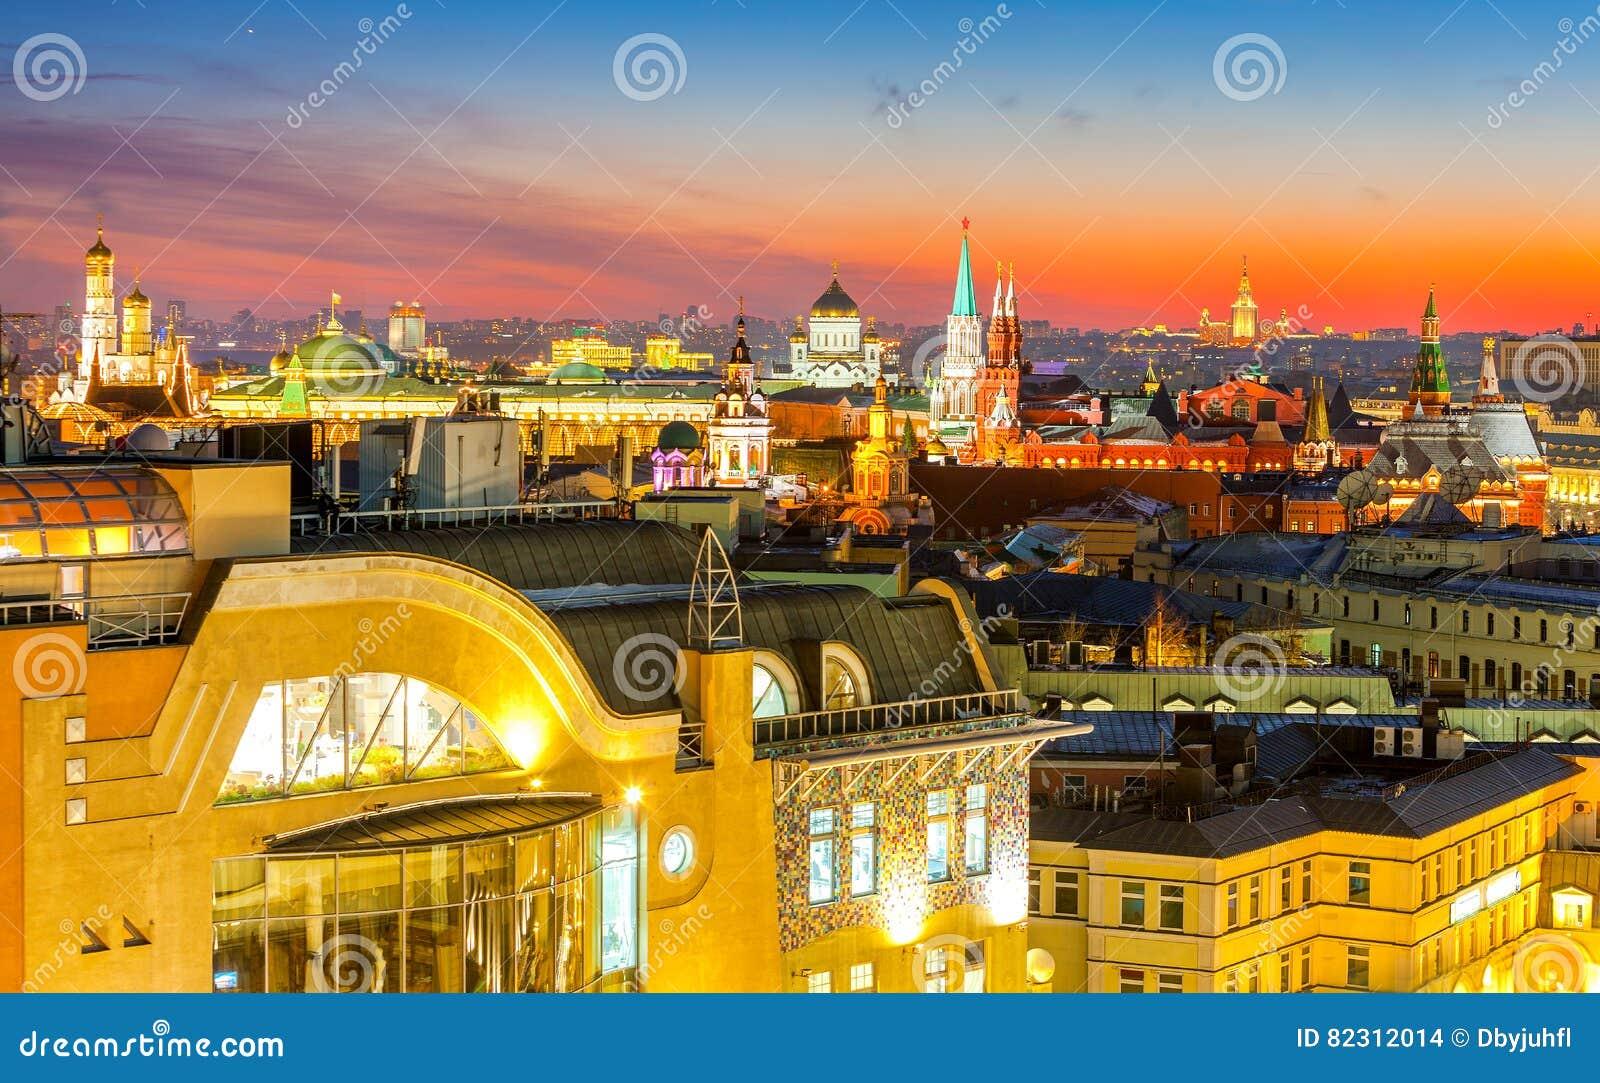 Ноча Москва, тип к Москве Кремлю, Христосу собор спасителя, колокольня St. John большой, университет и дальше